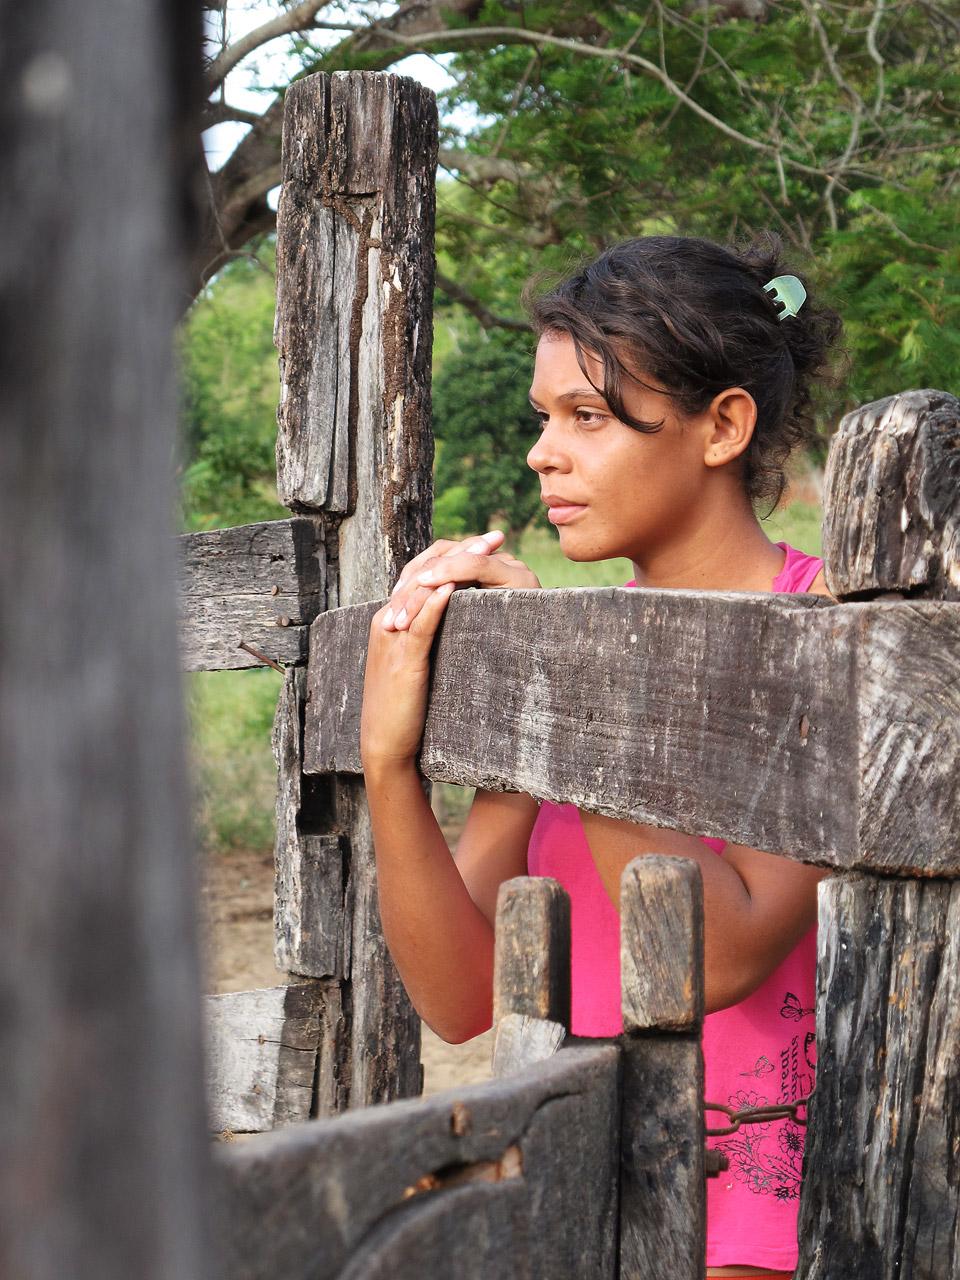 fazenda barreiro - letitia  - minas gerais, brazil 2012